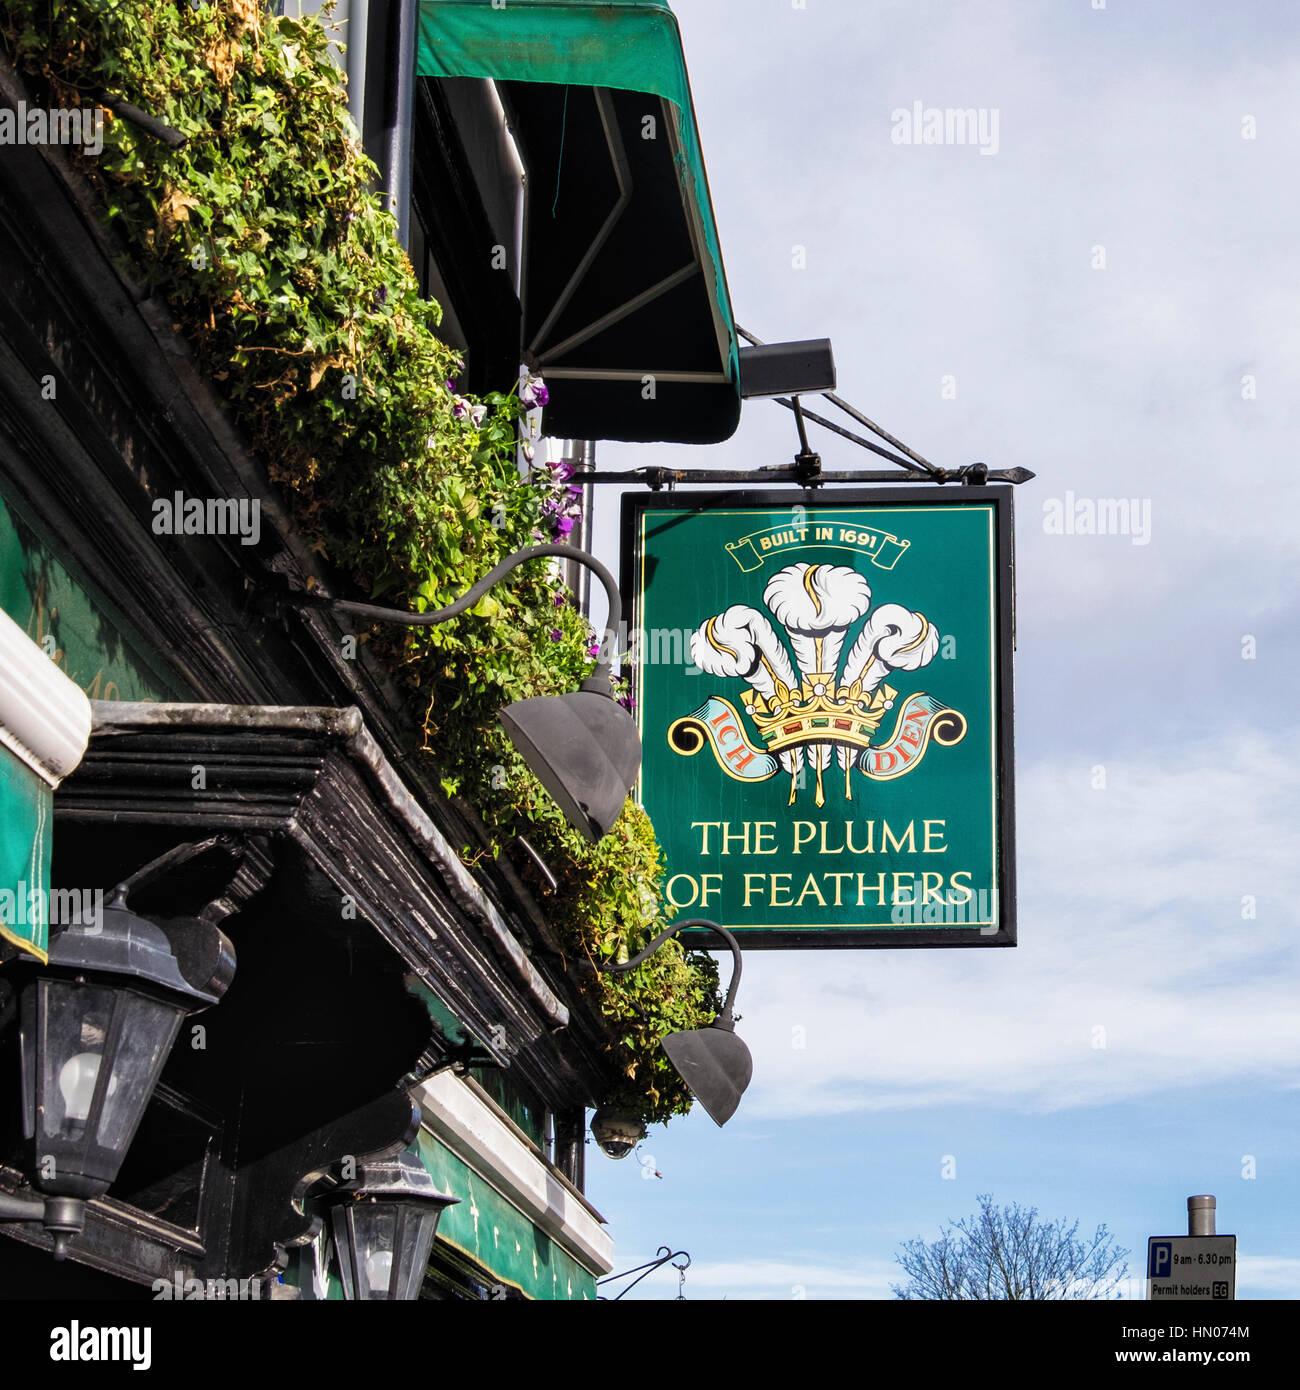 Londres, Greenwich - The Plume of Feathers - affiche à l'extérieur de pub anglais traditionnel Photo Stock